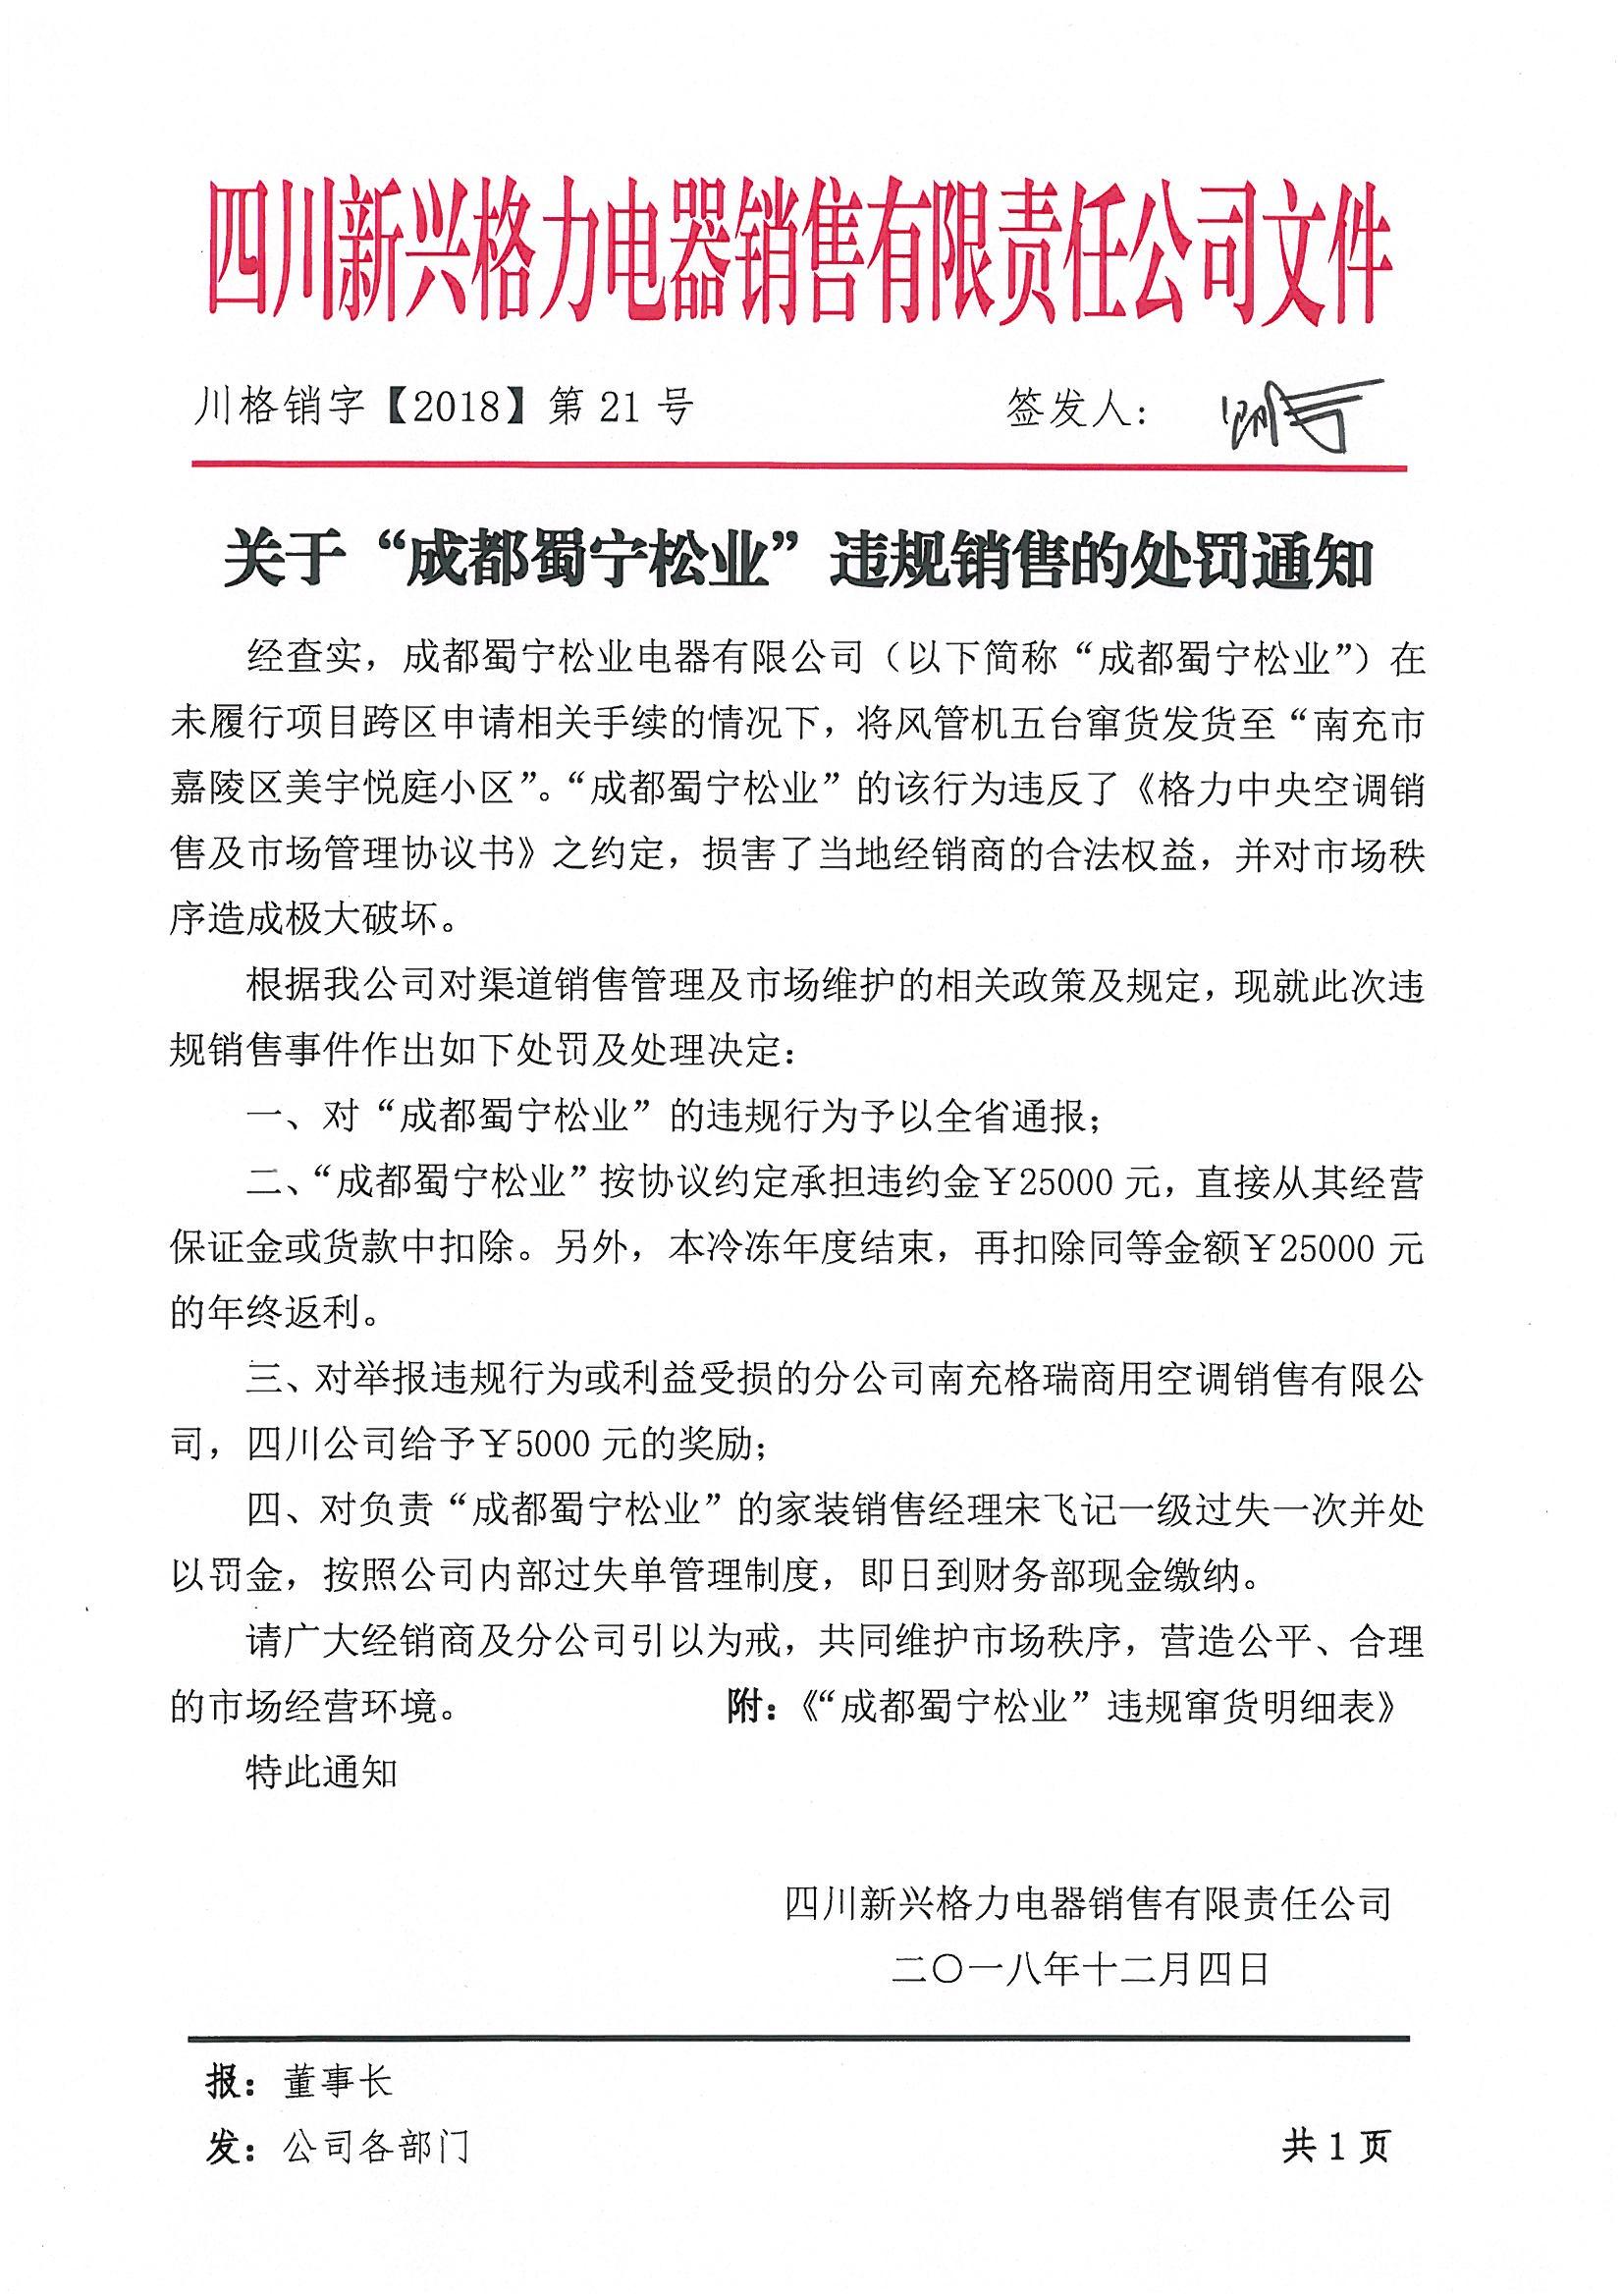 成都蜀宁松业电器有限公司处罚违约金2.5万